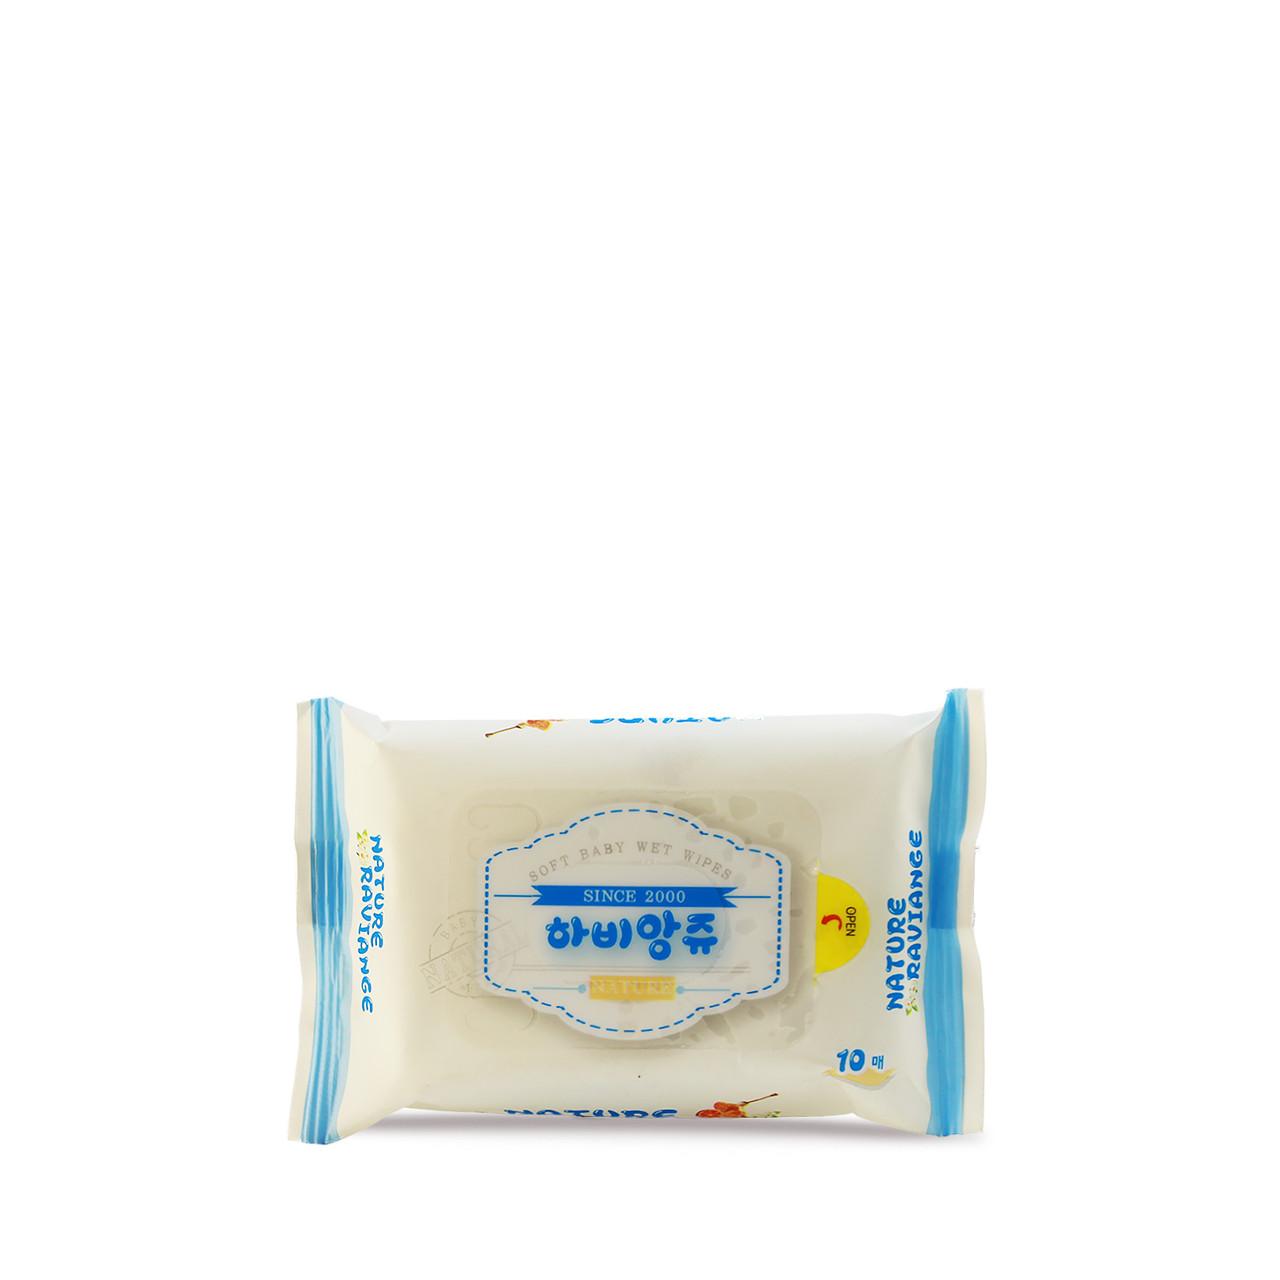 Taegwang Влажные детские антибактериальные салфетки премиум класса Mini Clean Baby Wet Wipes / 10 шт.